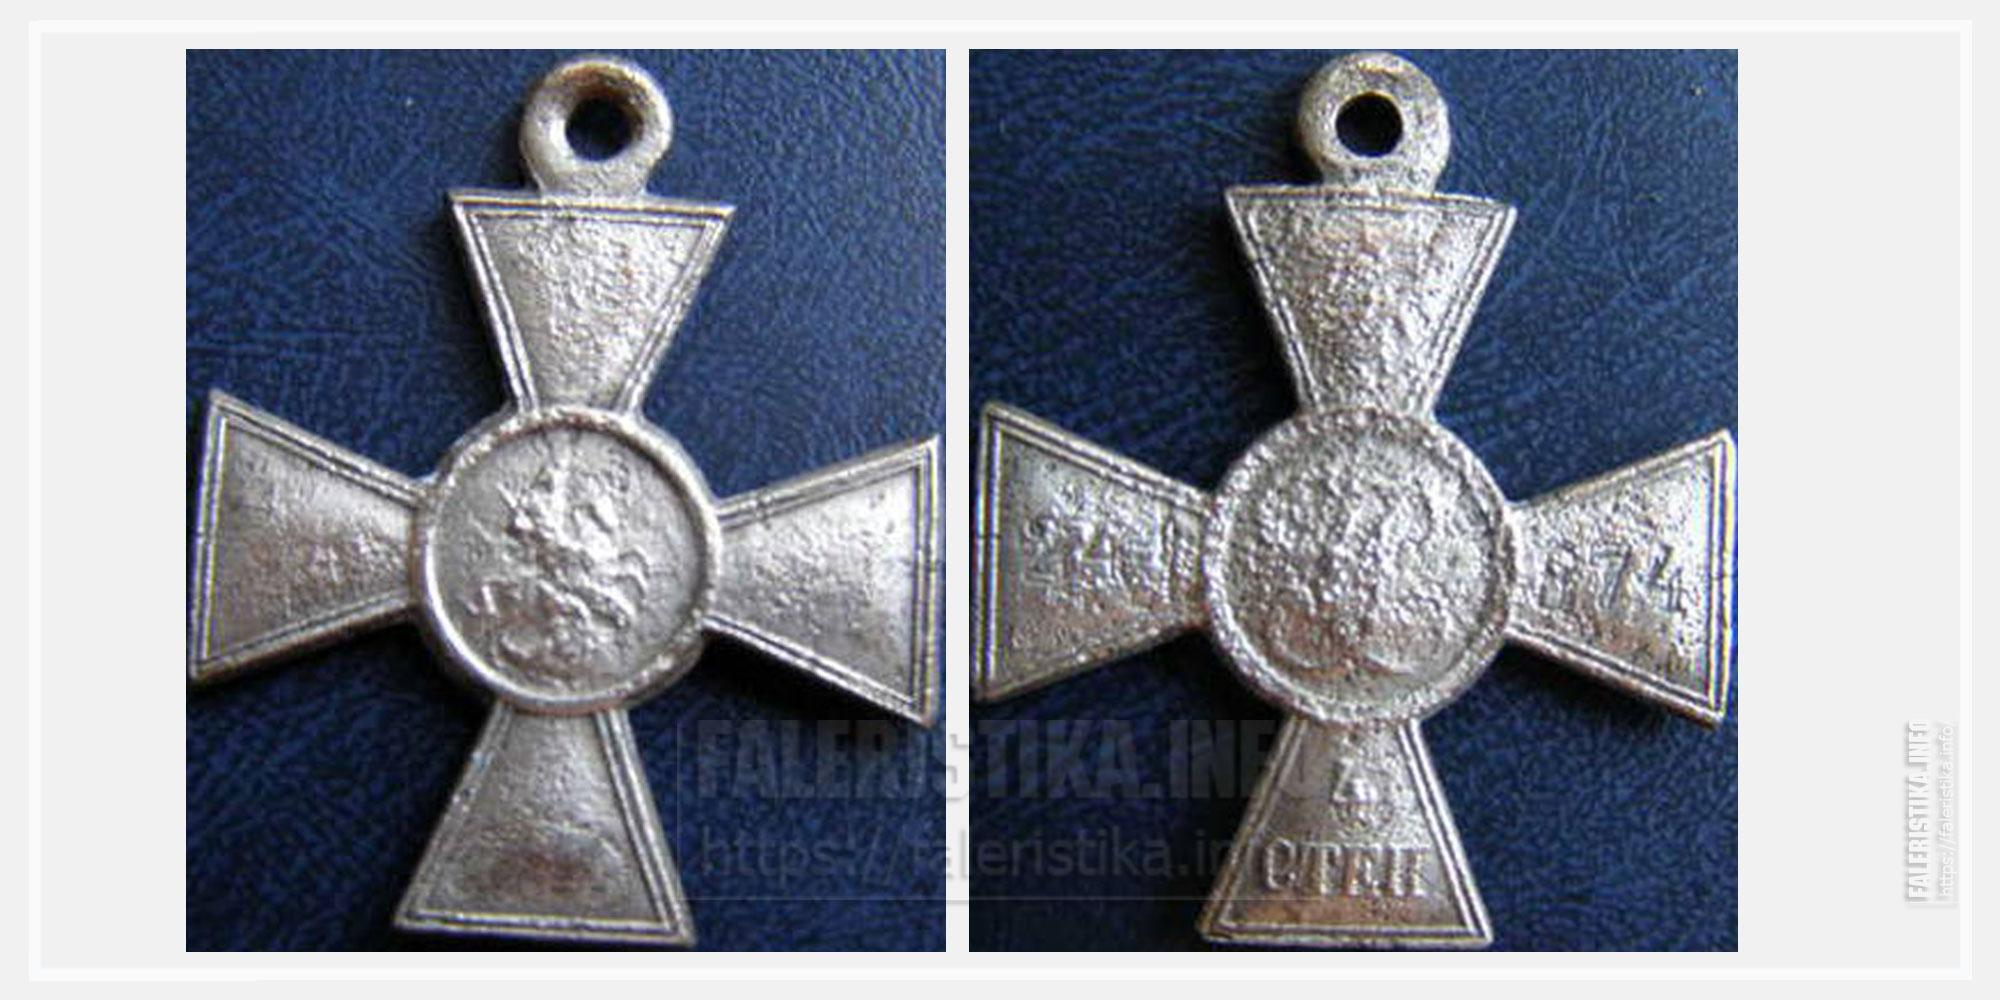 Георгиевский крест 4 ст. подвергшийся коррозии